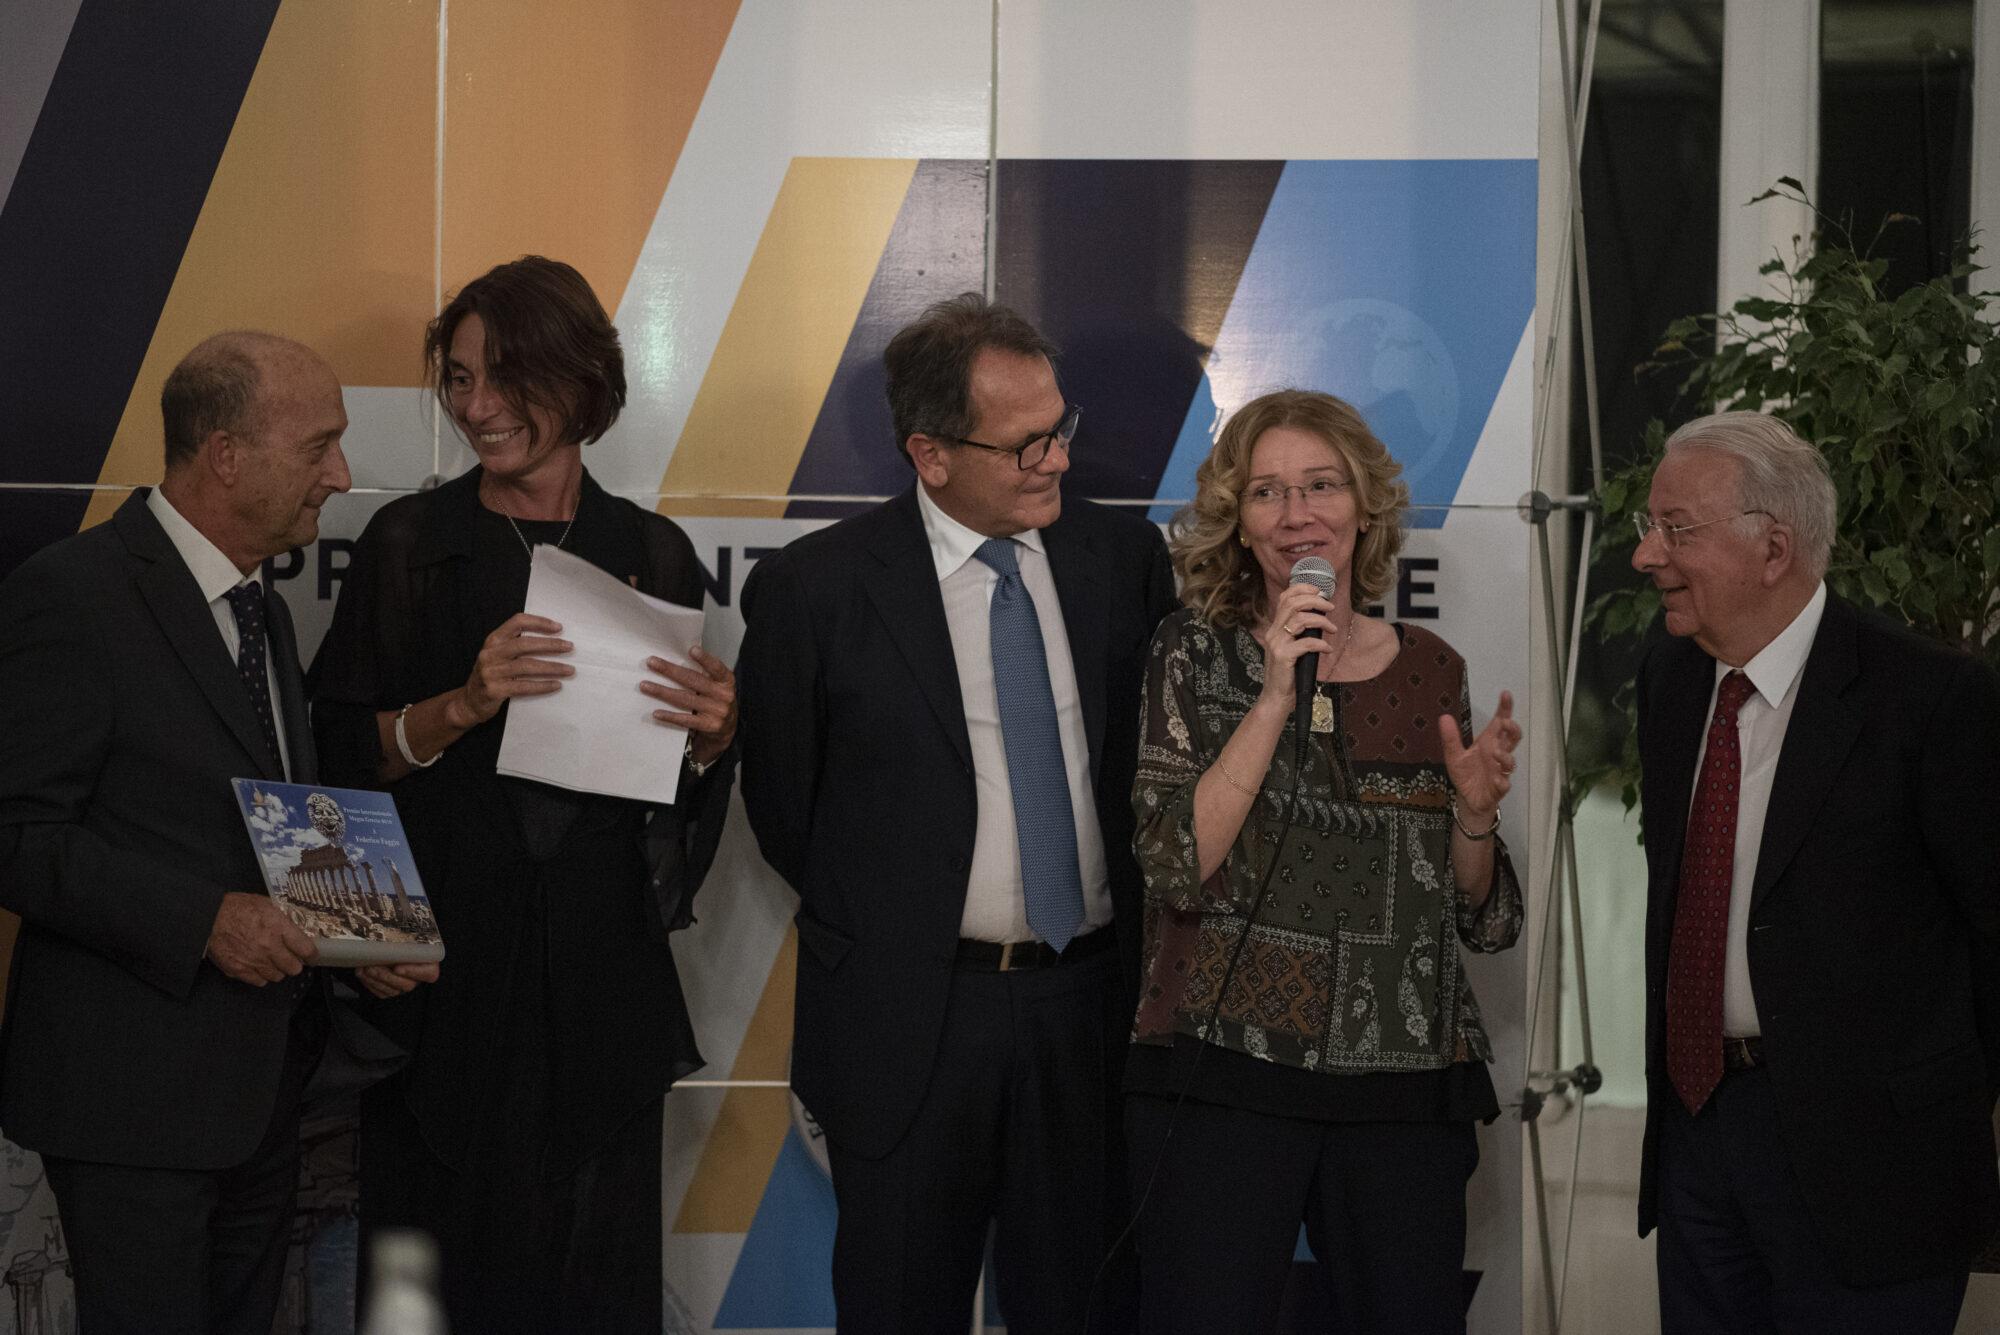 l'intervento di Sandra Savaglio per La consegna del Premio Internazionale Magna Grecia 2019 a Federico Faggin.  (da sin. Foti, Bottero, Romano, Savaglio, Faggin)